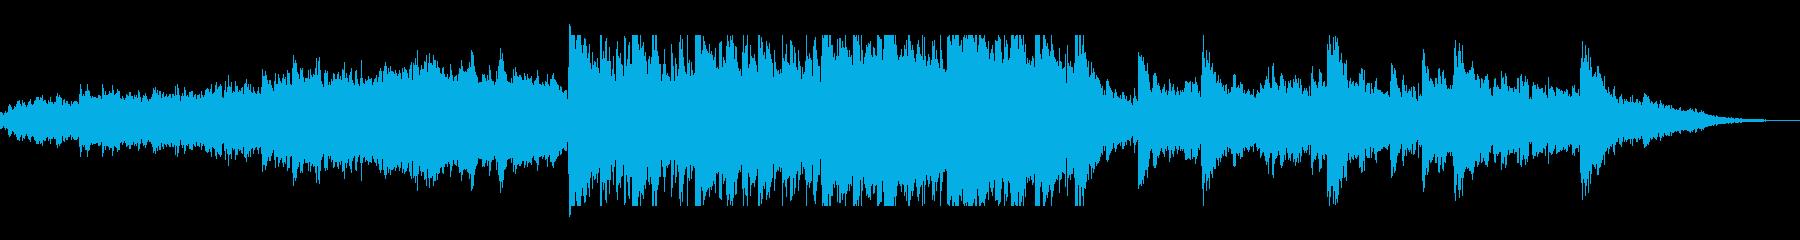 神秘的で透明感のあるシンセサウンドの再生済みの波形